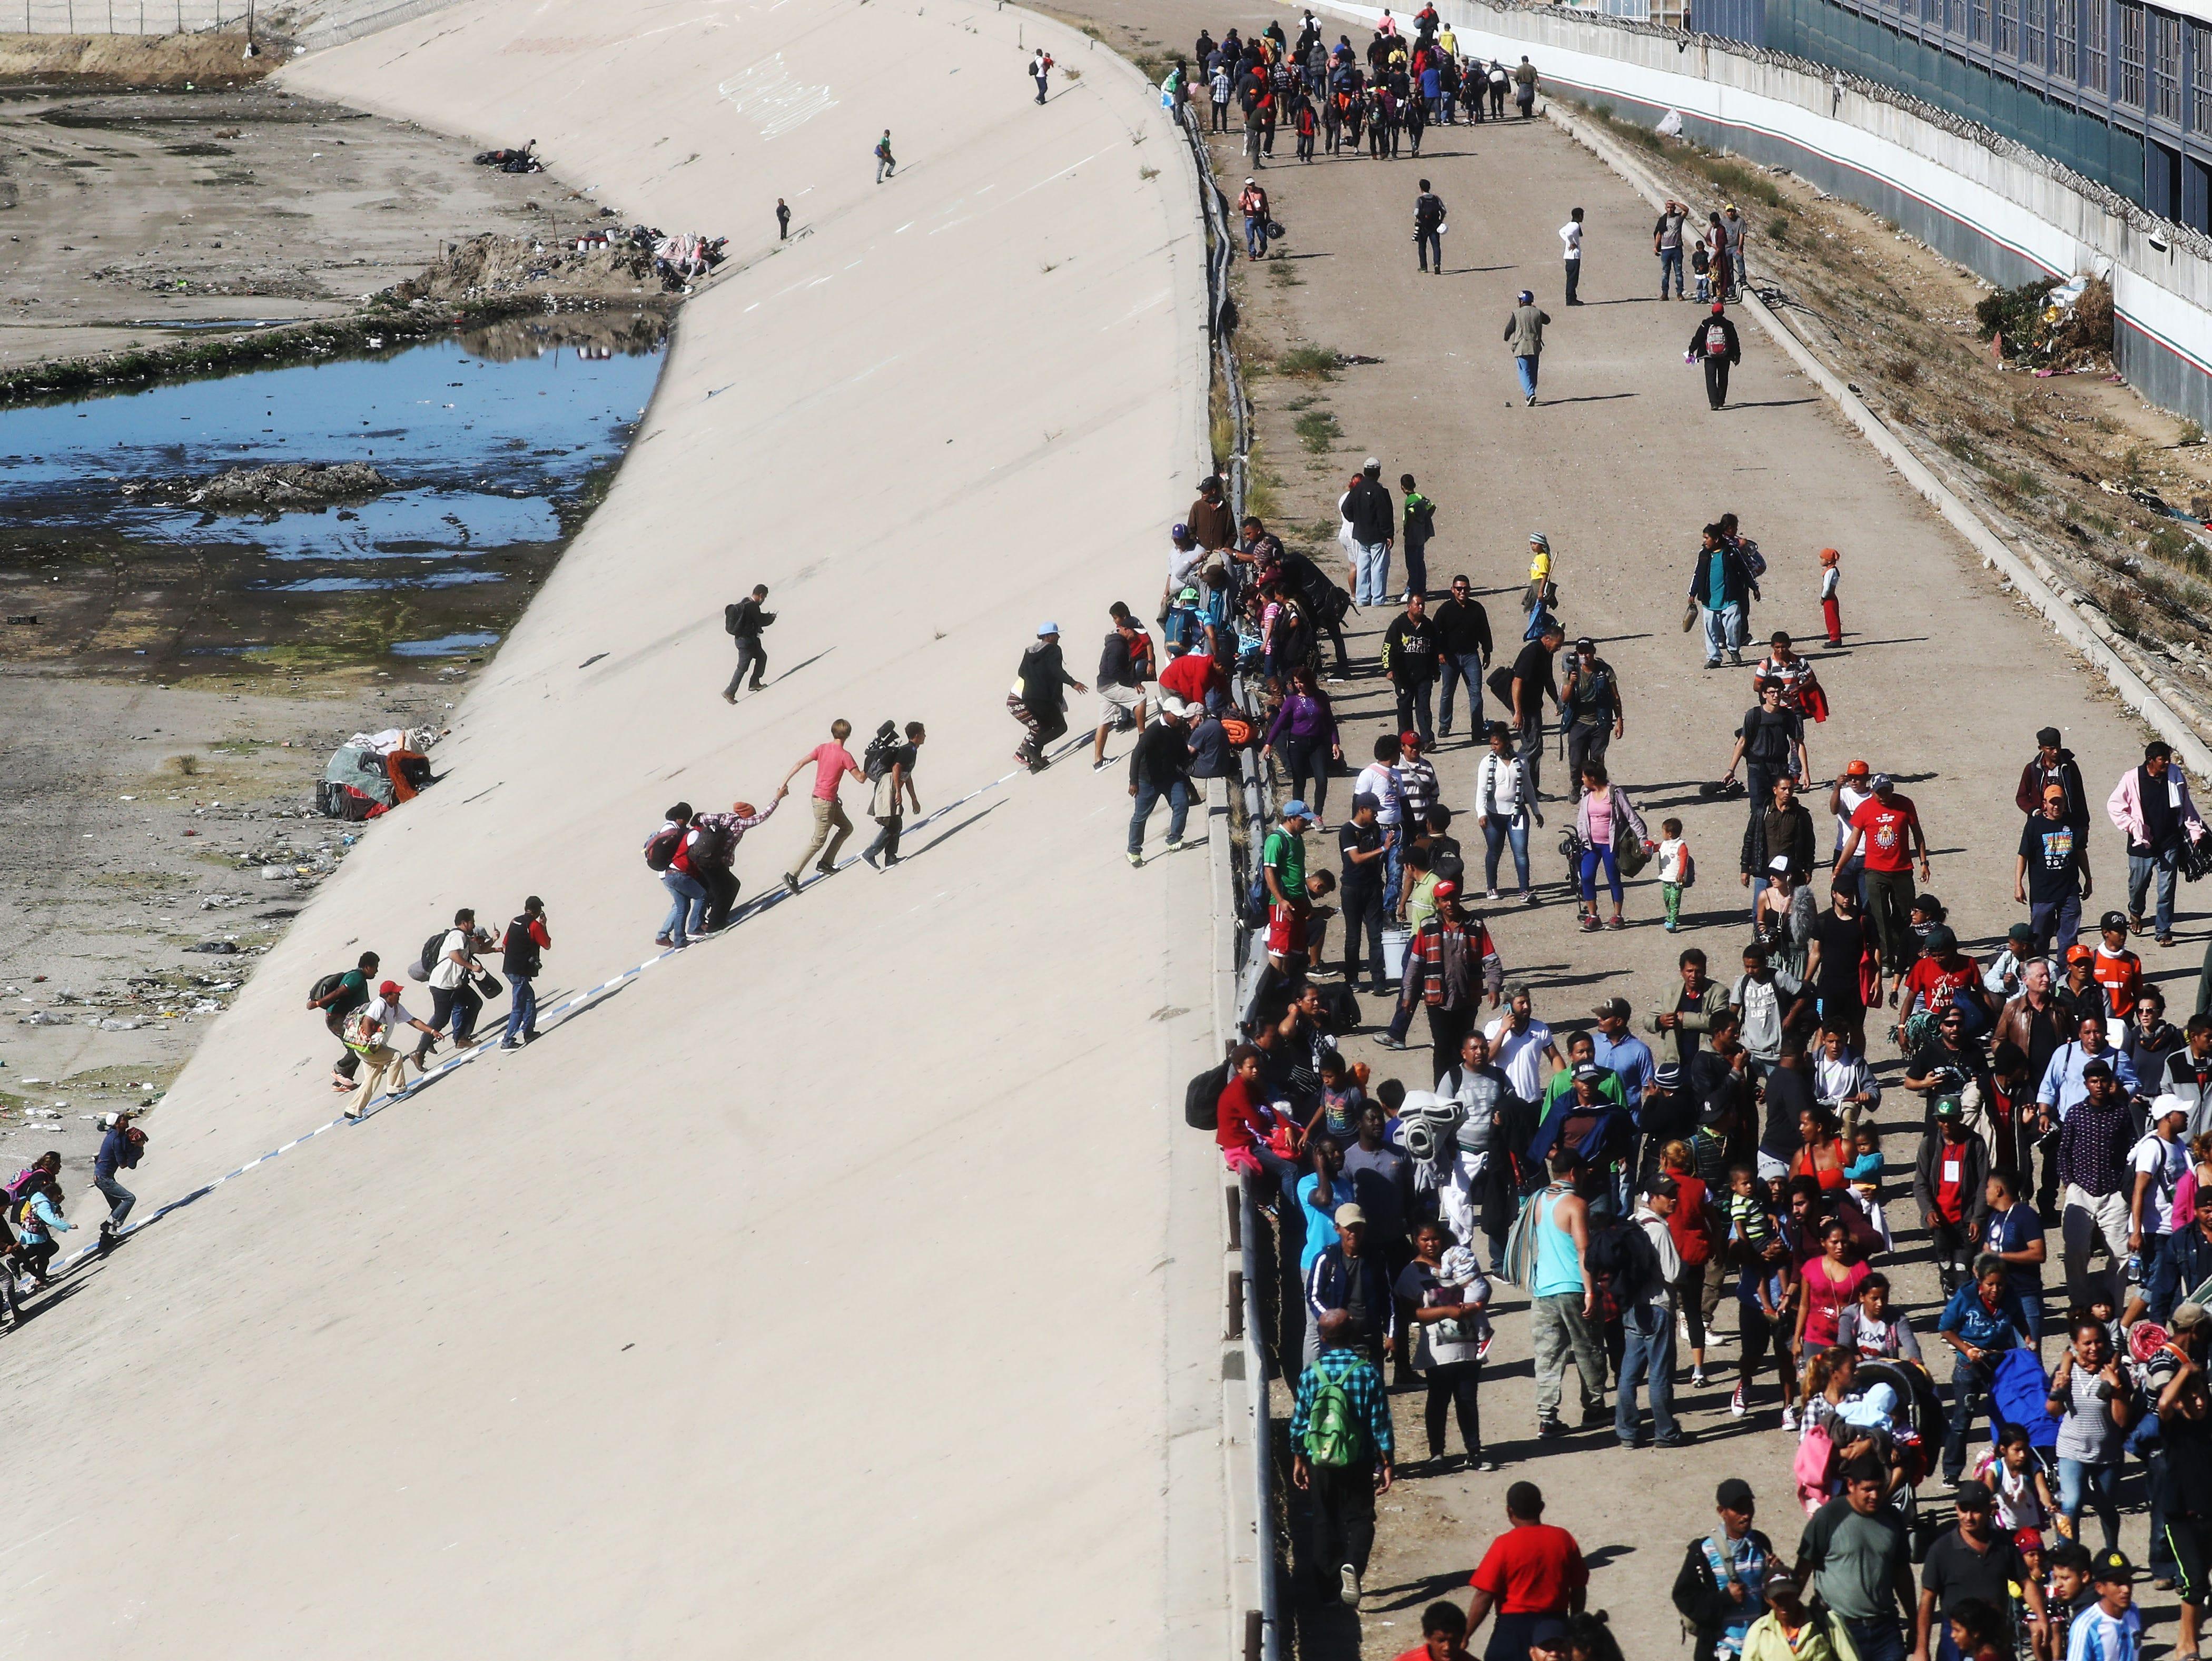 Los migrantes suben a la orilla del río Tijuana, casi seco, mientras intentan pasar el bloqueo policial al puerto de entrada de El Chaparral el 25 de noviembre de 2018 en Tijuana, México. En respuesta, la Oficina de Aduanas y Protección Fronteriza de Estados Unidos cerró temporalmente los dos puertos de entrada en la frontera con Tijuana.